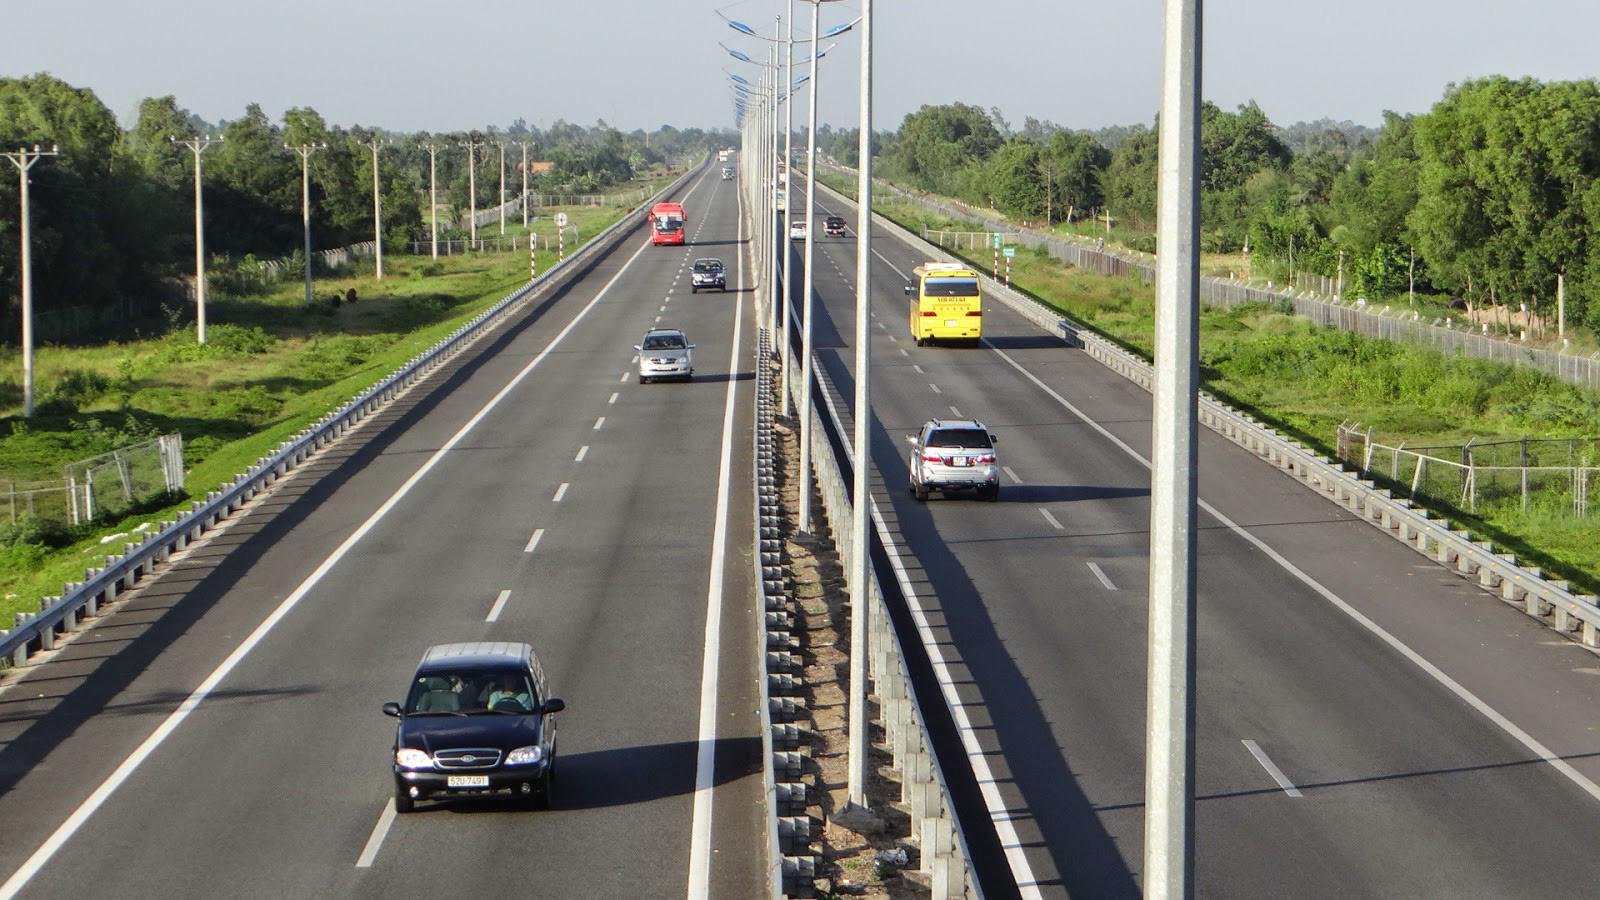 Bình Dương: Hạ tầng giao thông là động lực cho phát triển - Ảnh 2.